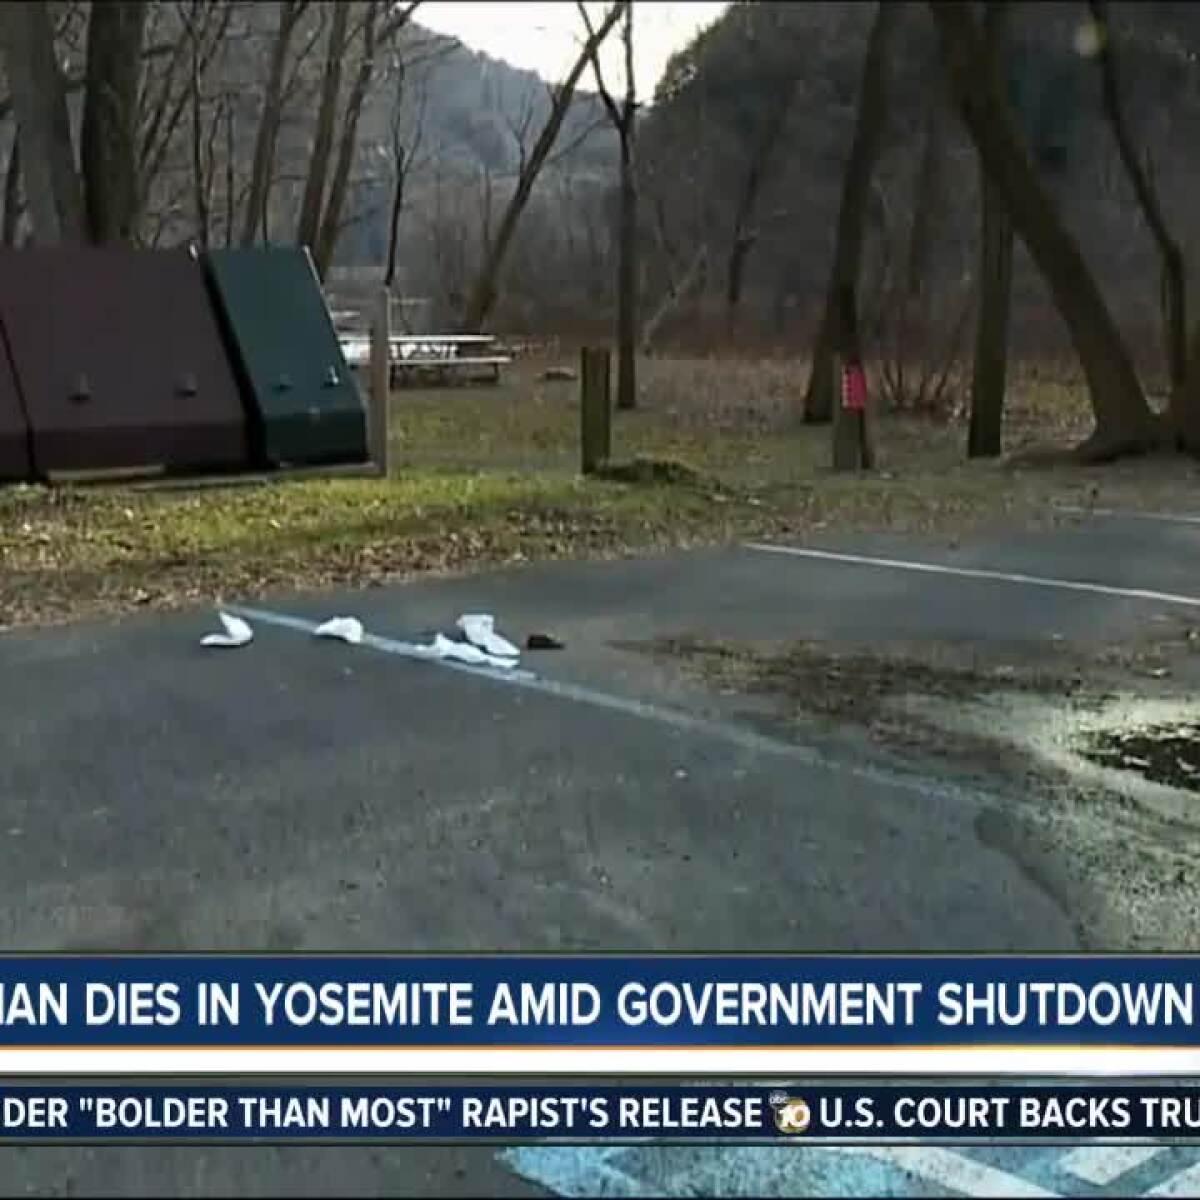 Government Shutdown Delays Investigation Into Man's Death